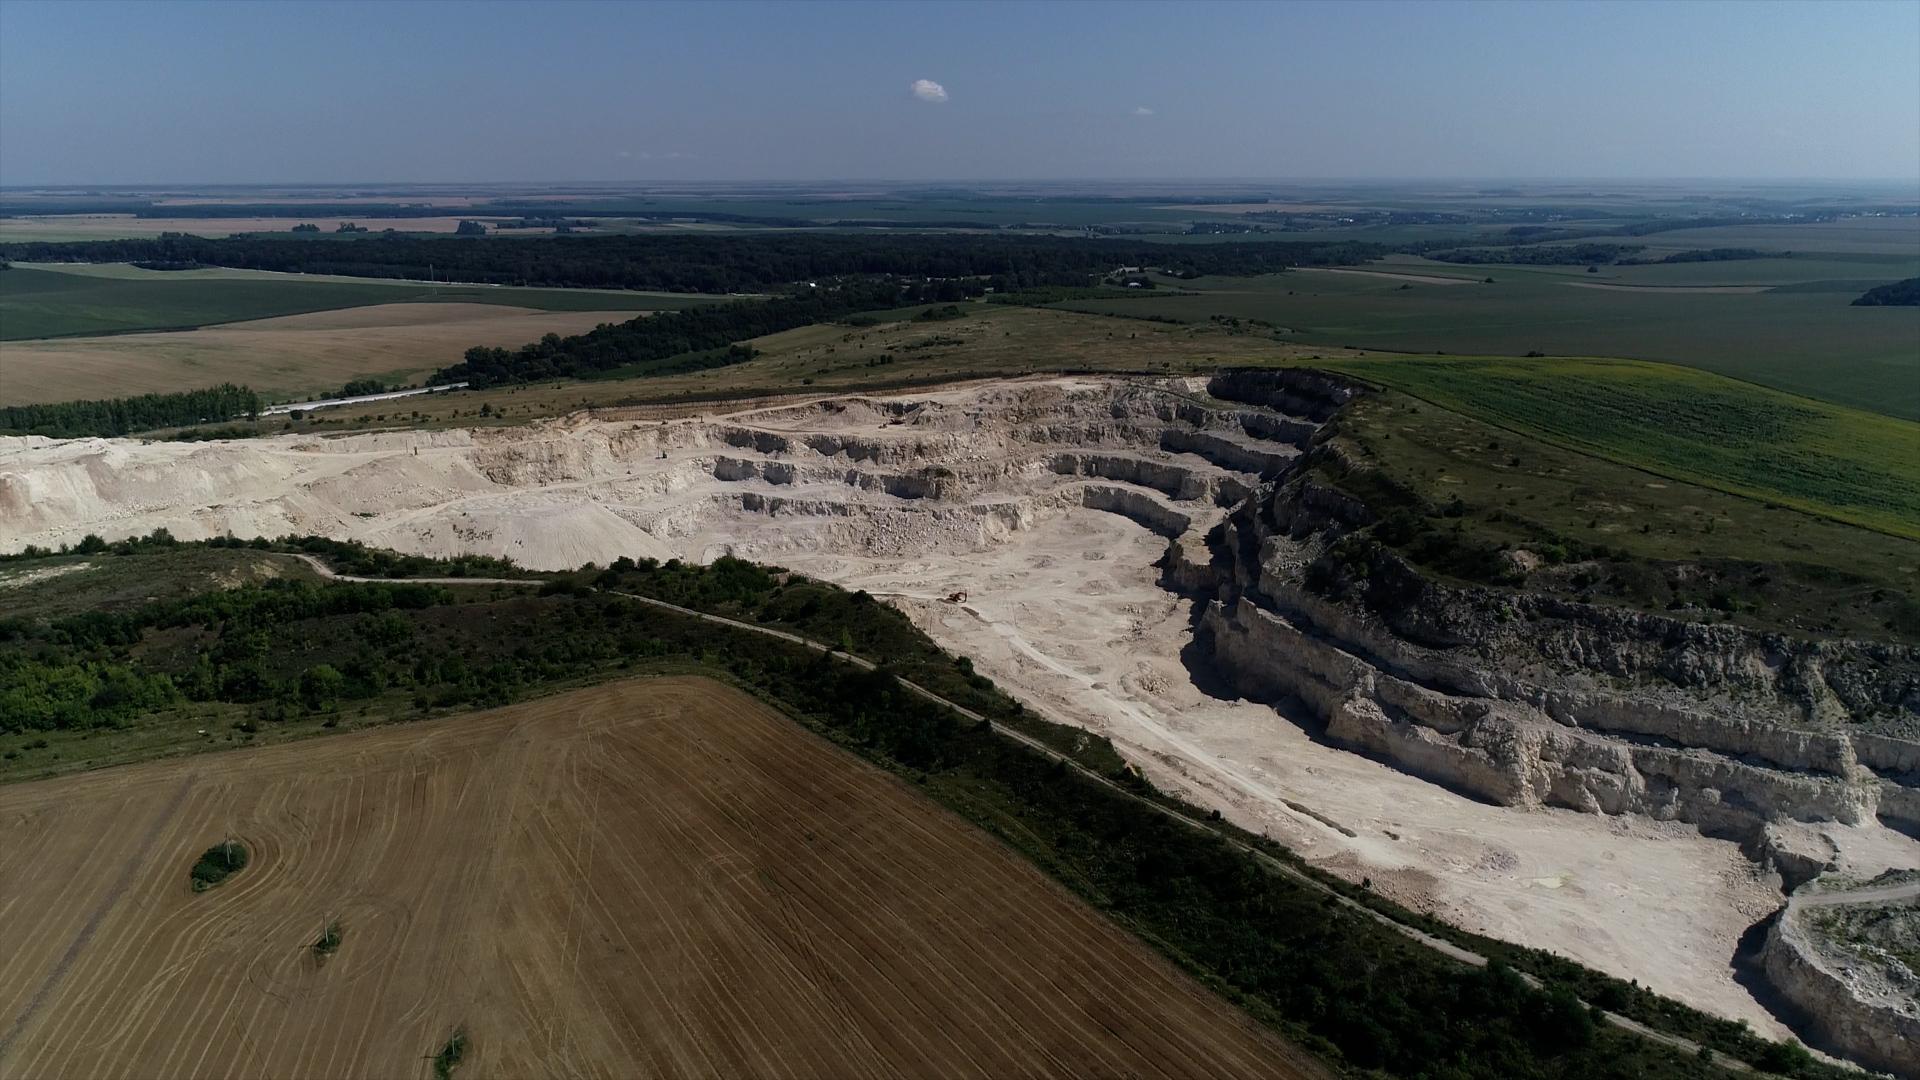 Розібрали на будматеріали: хто знищив геологічну пам'ятку природи на Тернопільщині?